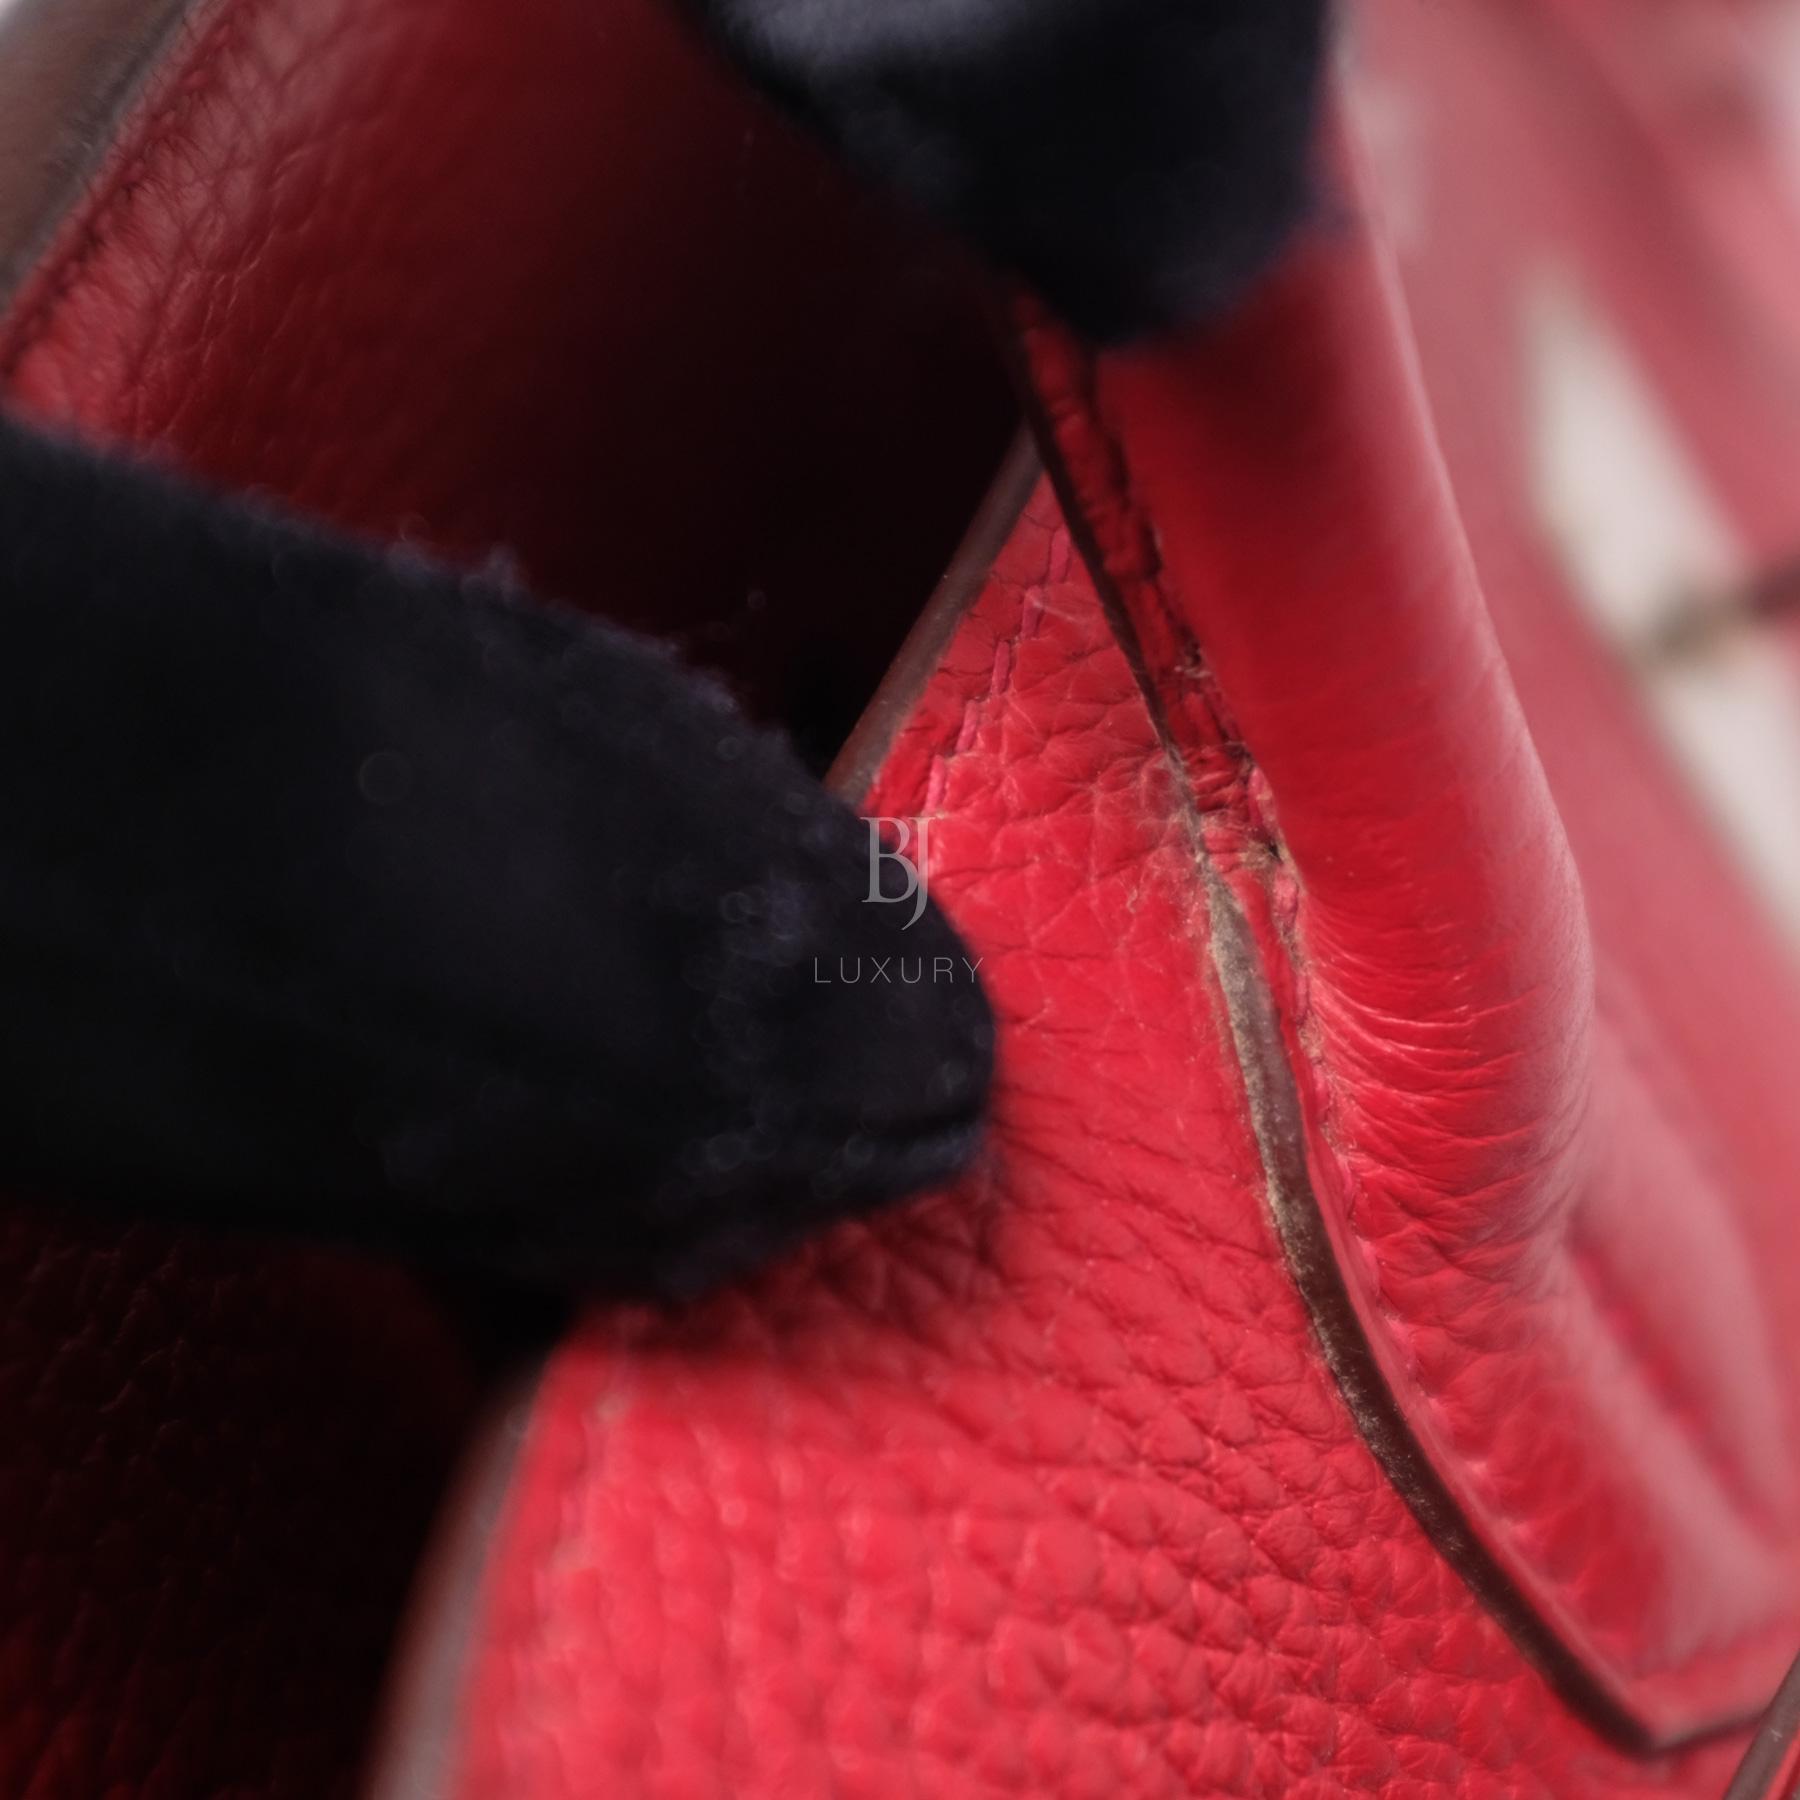 Hermes Birkin 30 Rouge Casaque Clemence Palladium BJ Luxury 5.jpg